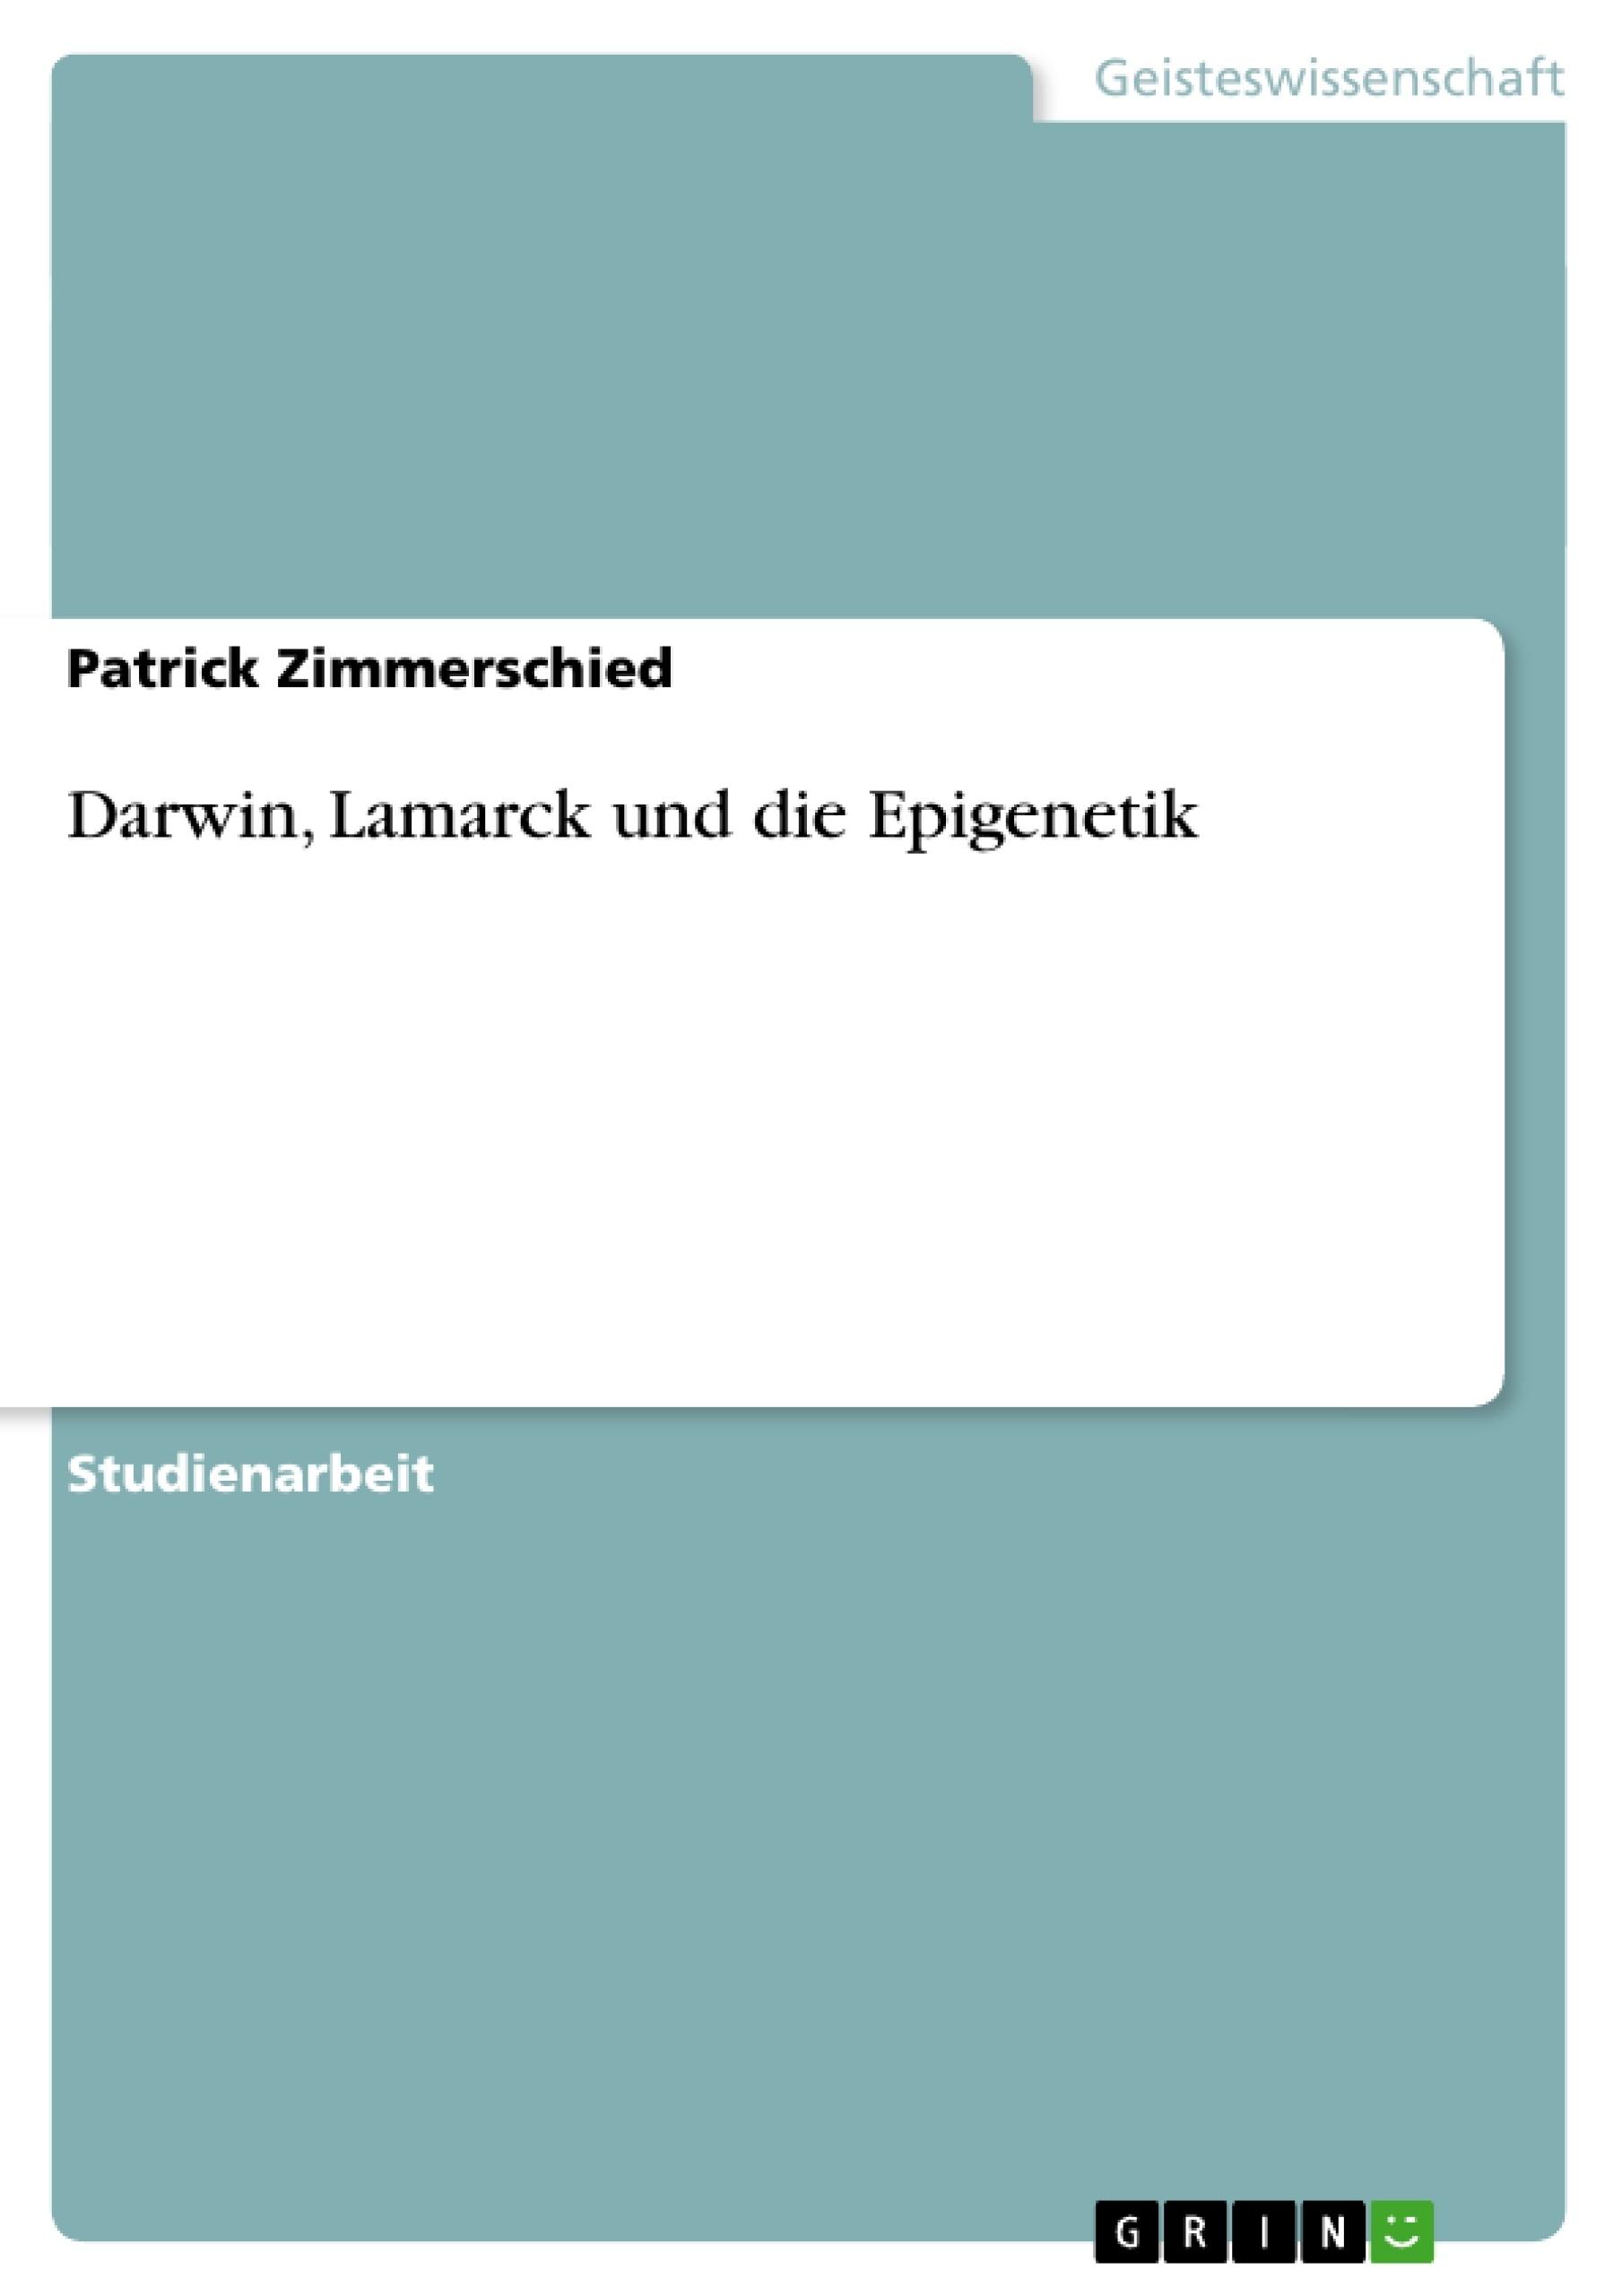 Titel: Darwin, Lamarck und die Epigenetik